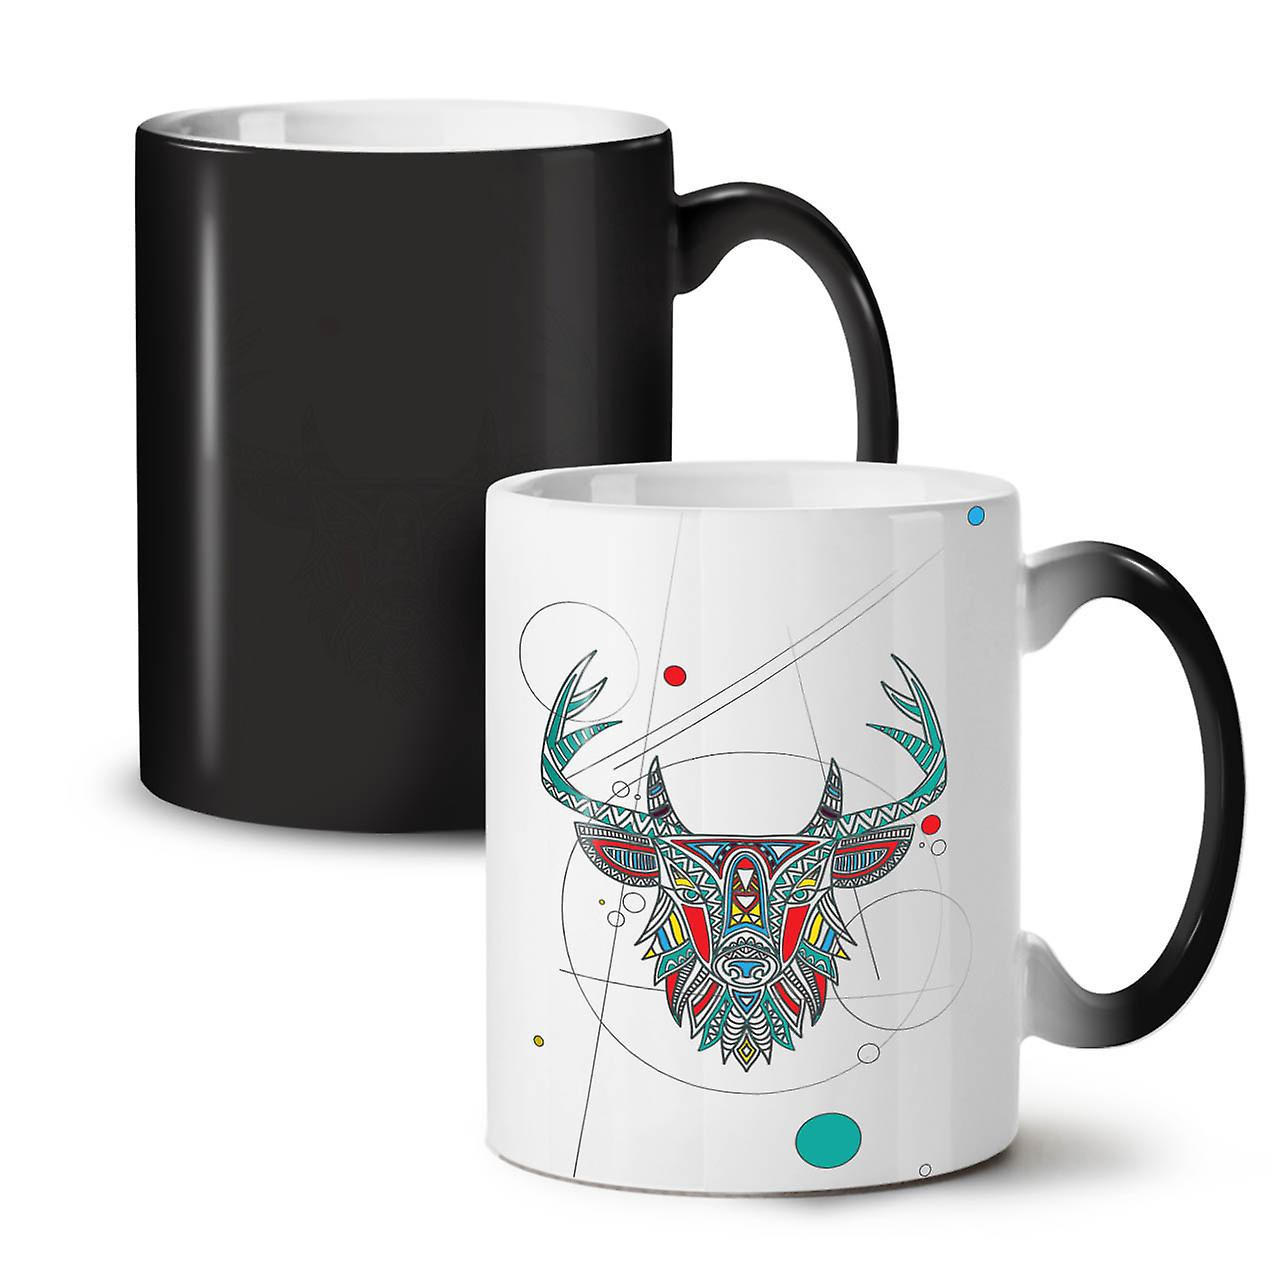 Cerf Élégant 11 Thé Tasse Nouveau OzWellcoda Céramique Noire Changeant Coloris Café Bête rdthsQ